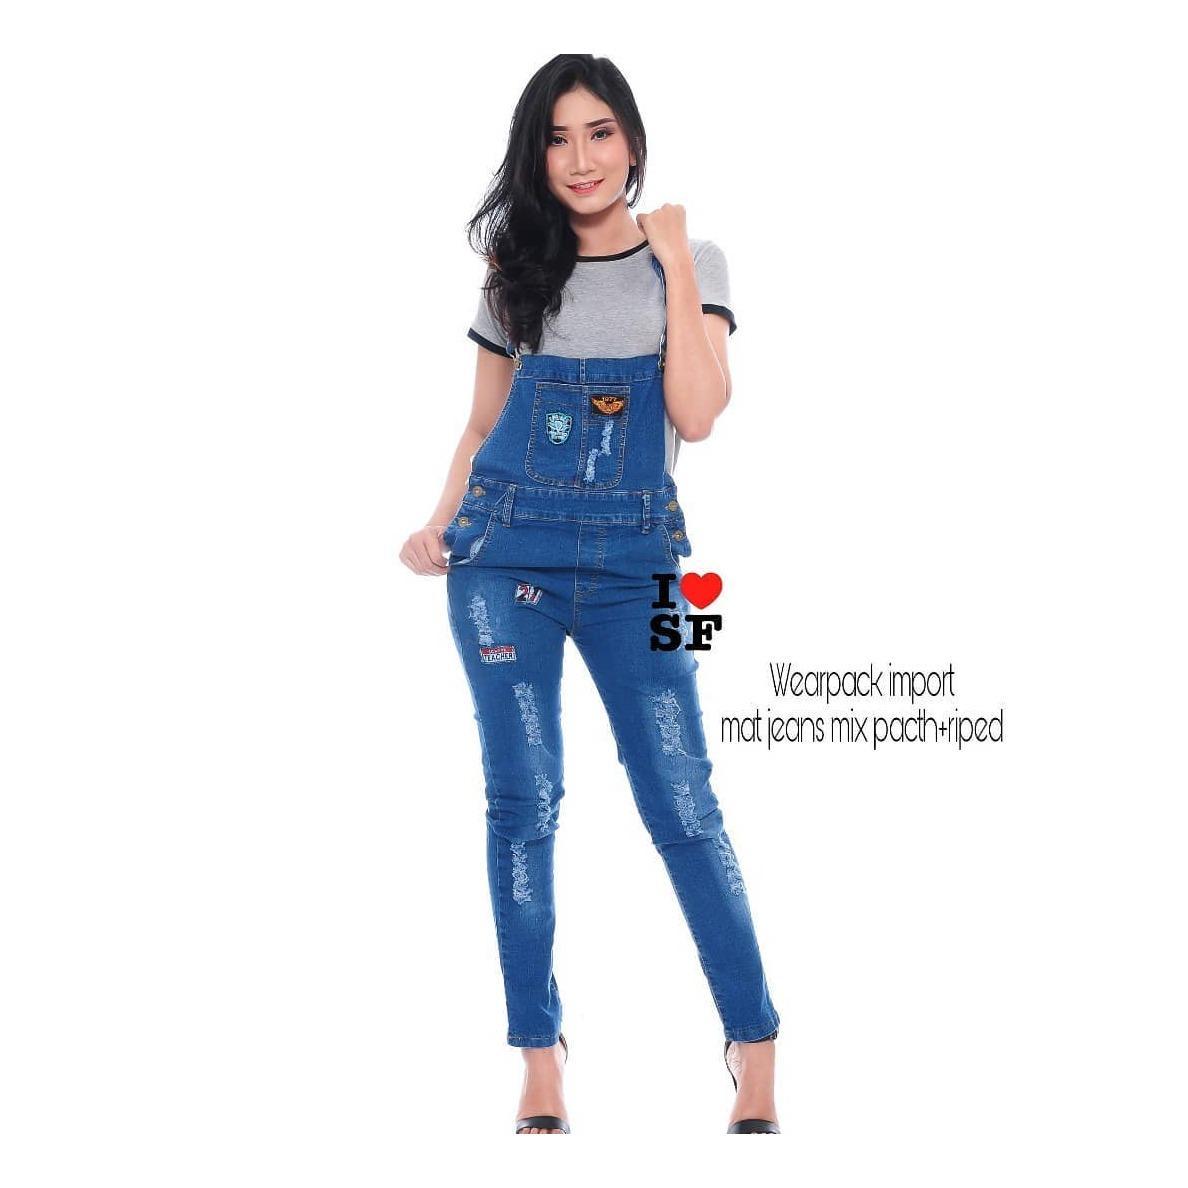 Baju Original Wearpack Import Jeans Celana Cewek Pants Panjang Joger Wanita Muslim Santai Casual Simple Trend 2018